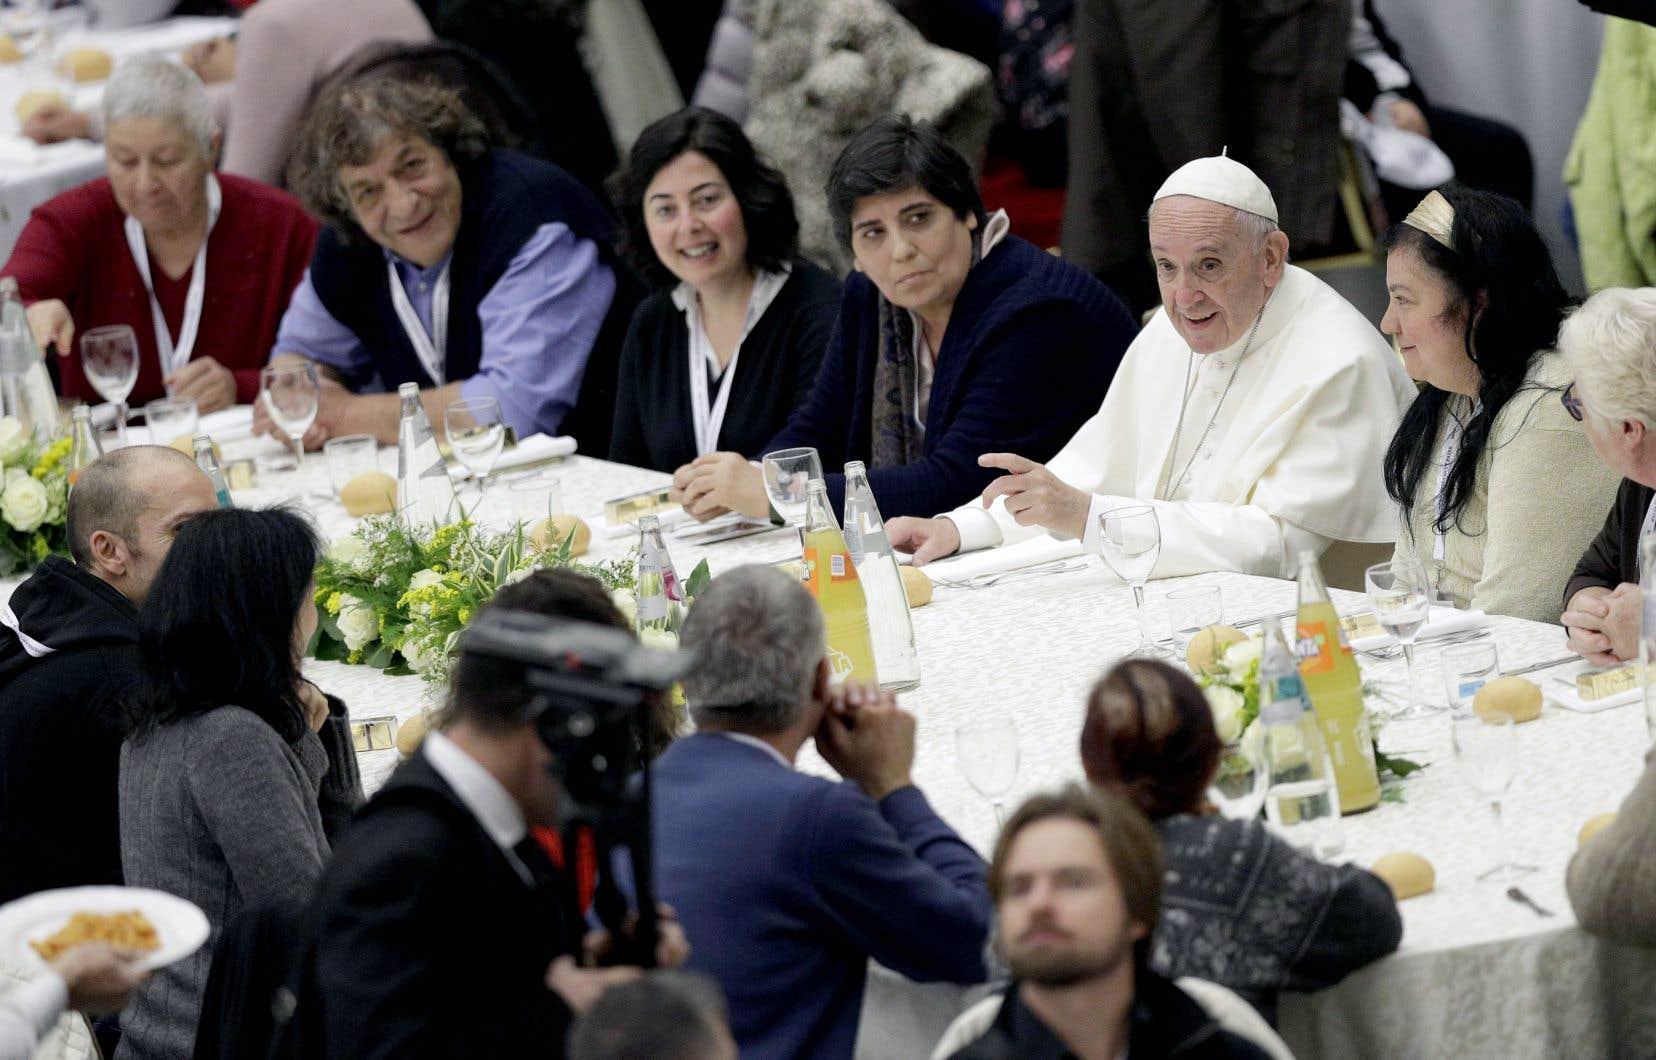 À l'occasion du déjeuner, l'immense salle Paul VI qui jouxte la basilique vaticane a été aménagée pour recevoir 150 tables ornées de bouquets.